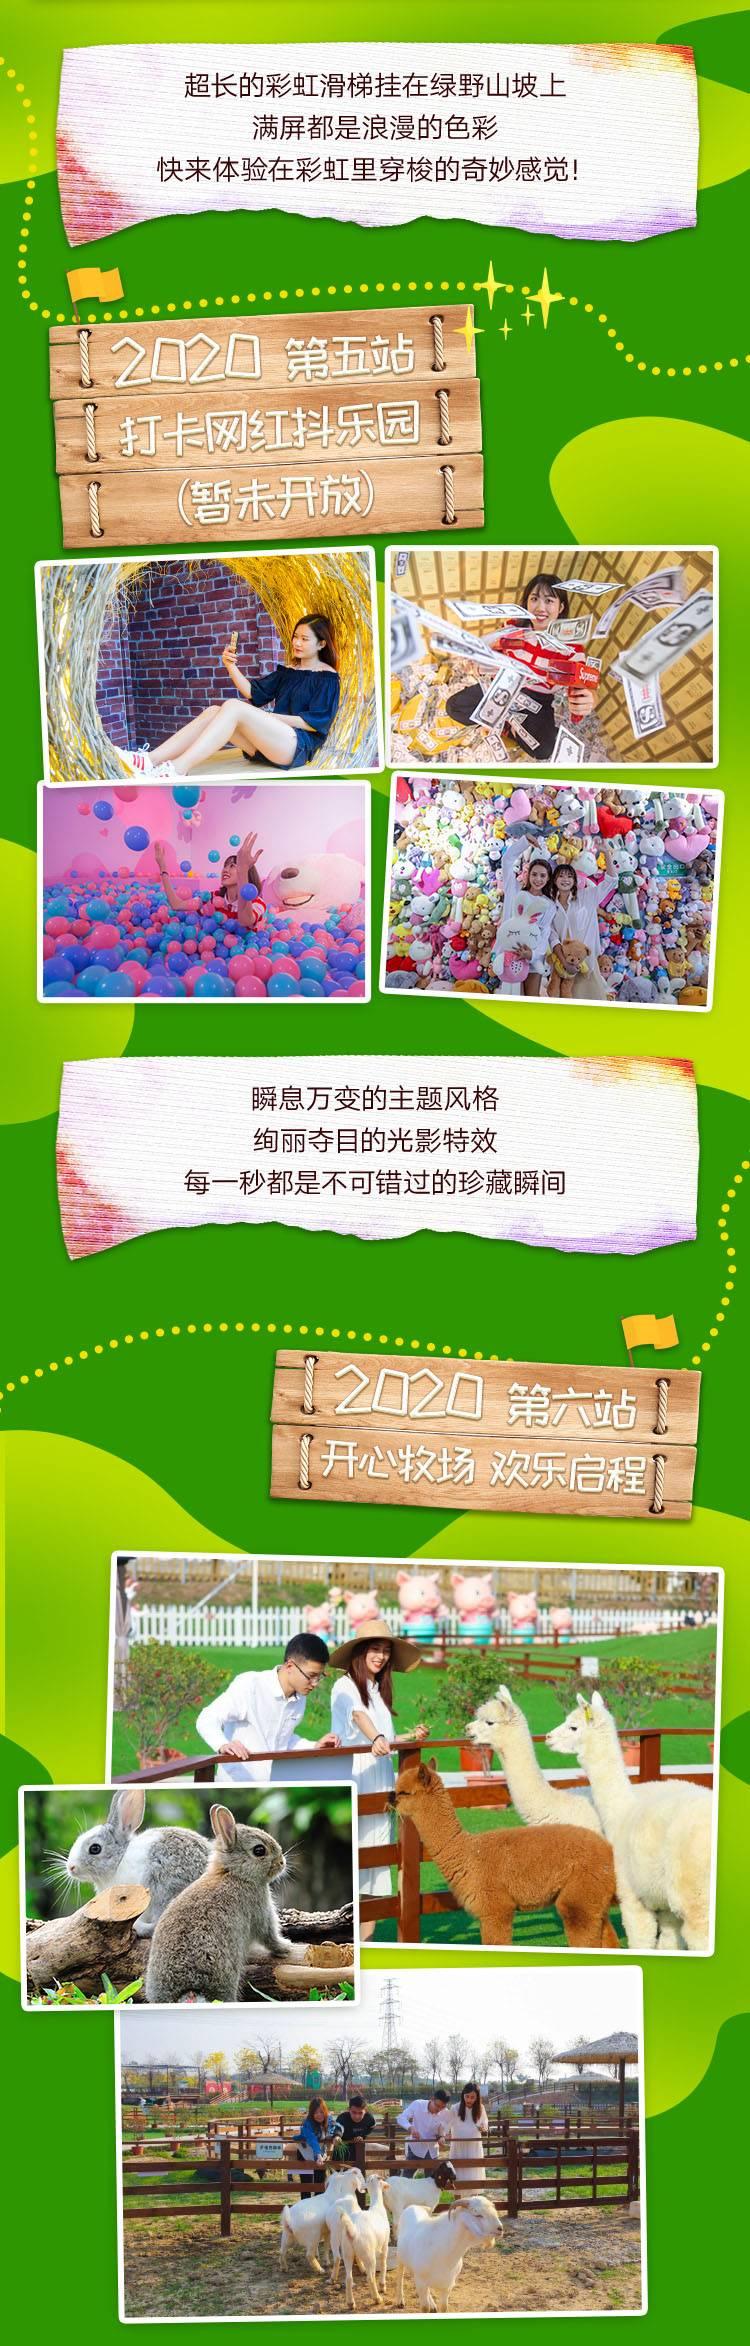 【常规票】盈香生态园儿童票1张含机动游戏+四季花海+彩虹滑道